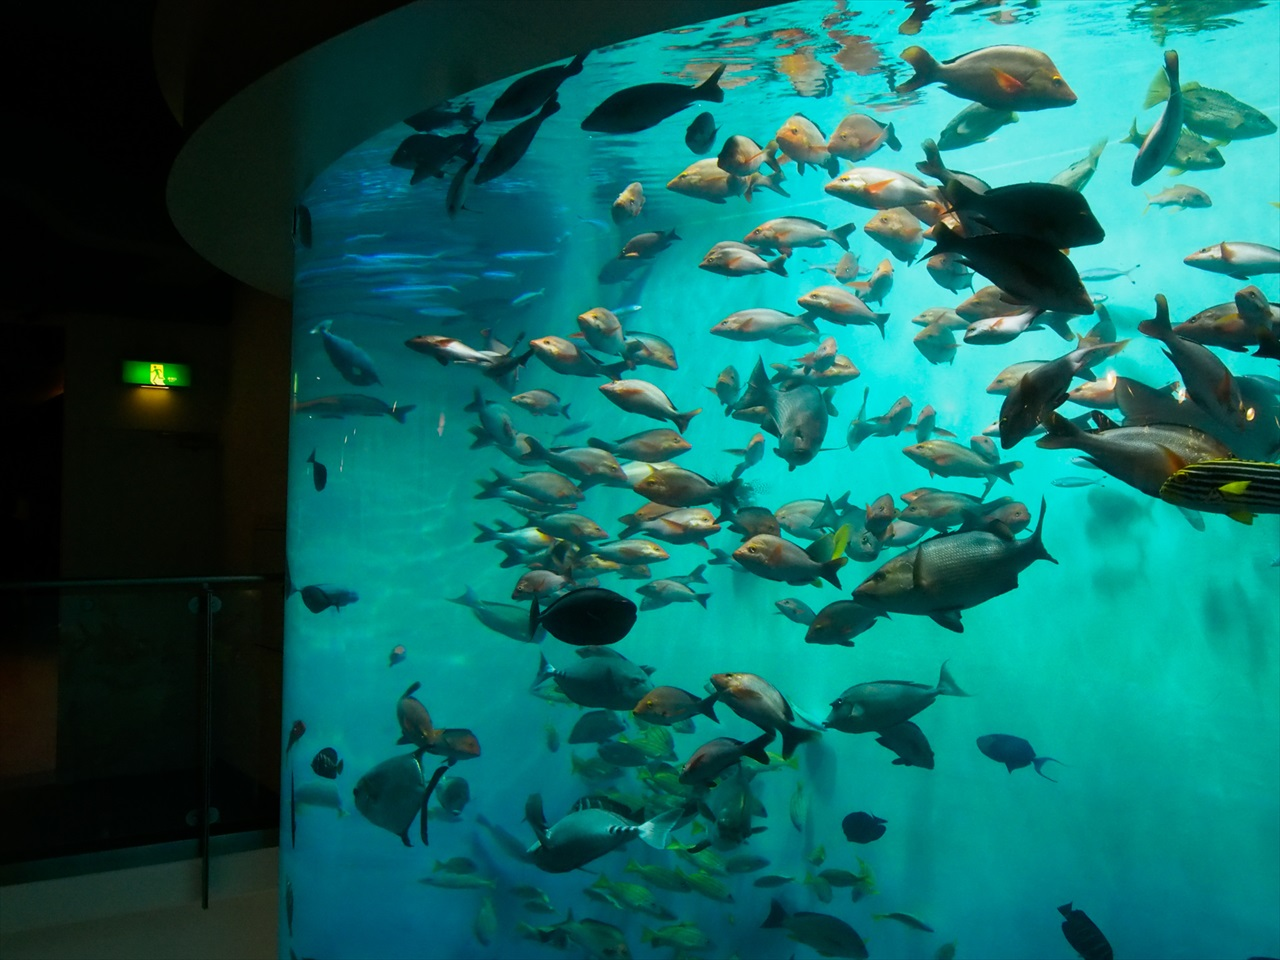 クリスタルタワーを泳ぐ魚達